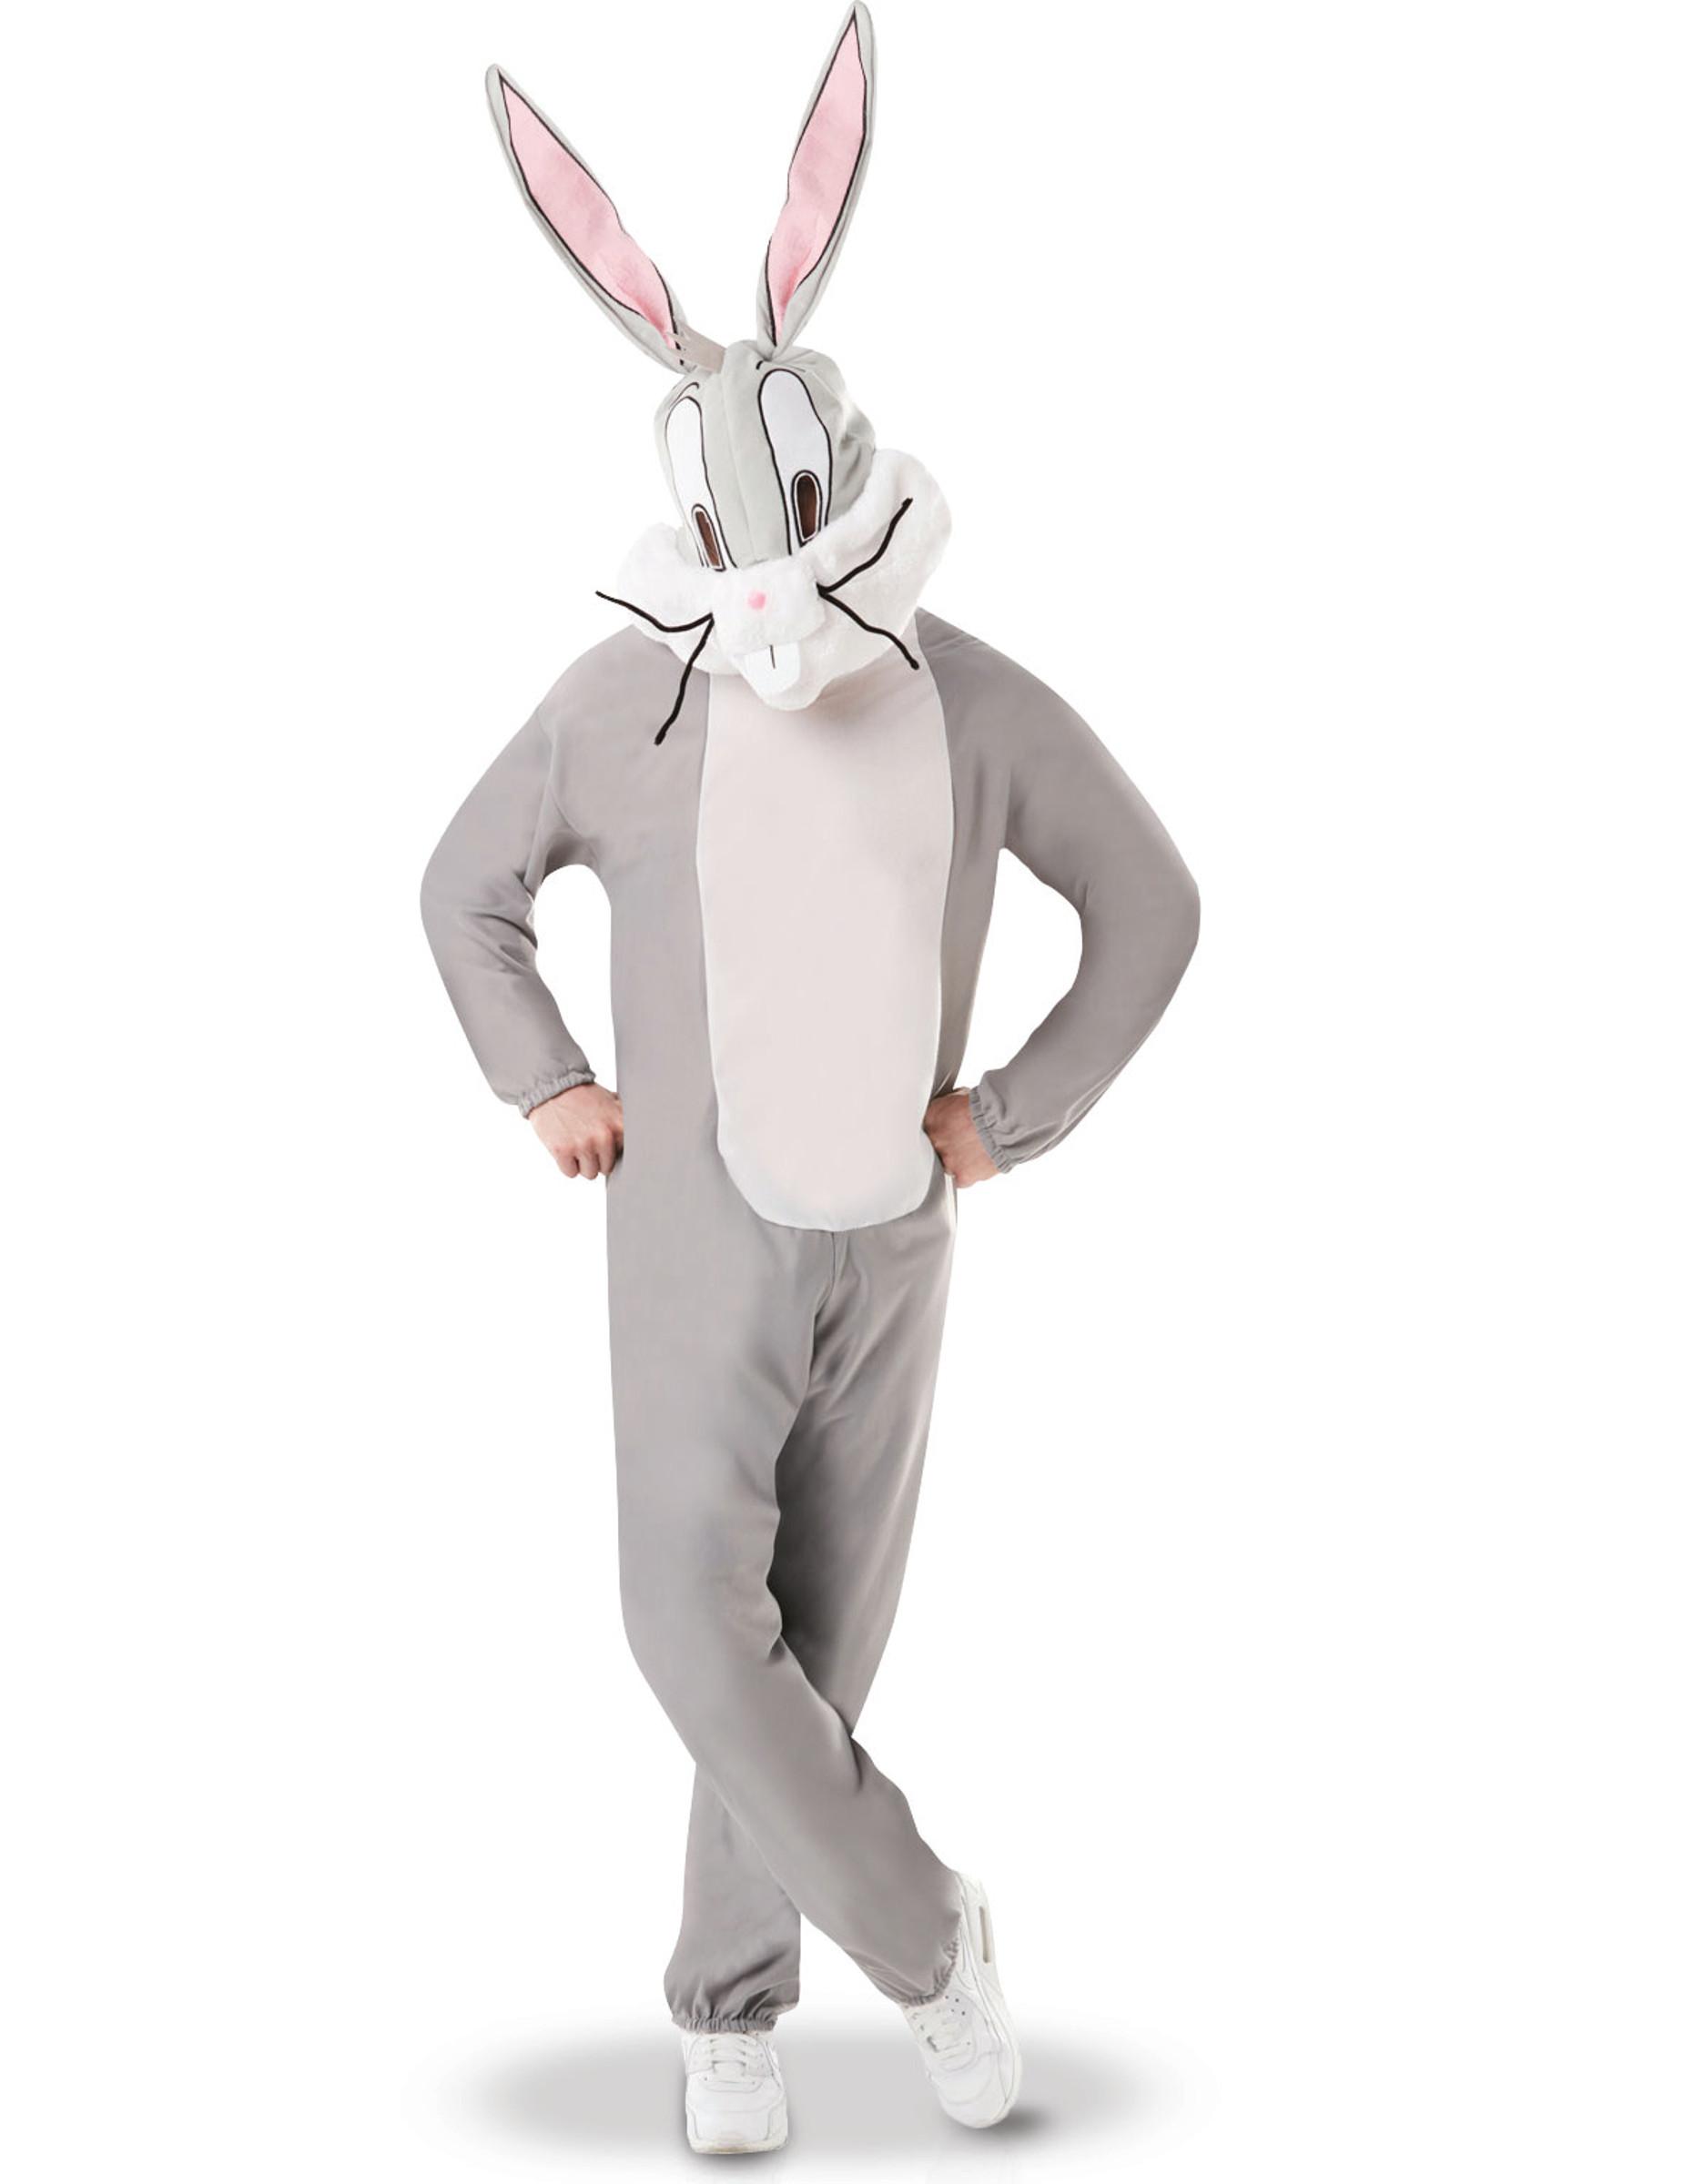 http://cdn.deguisetoi.fr/images/rep_articles/gra/bu/deguisement-bugs-bunny-adulte.jpg